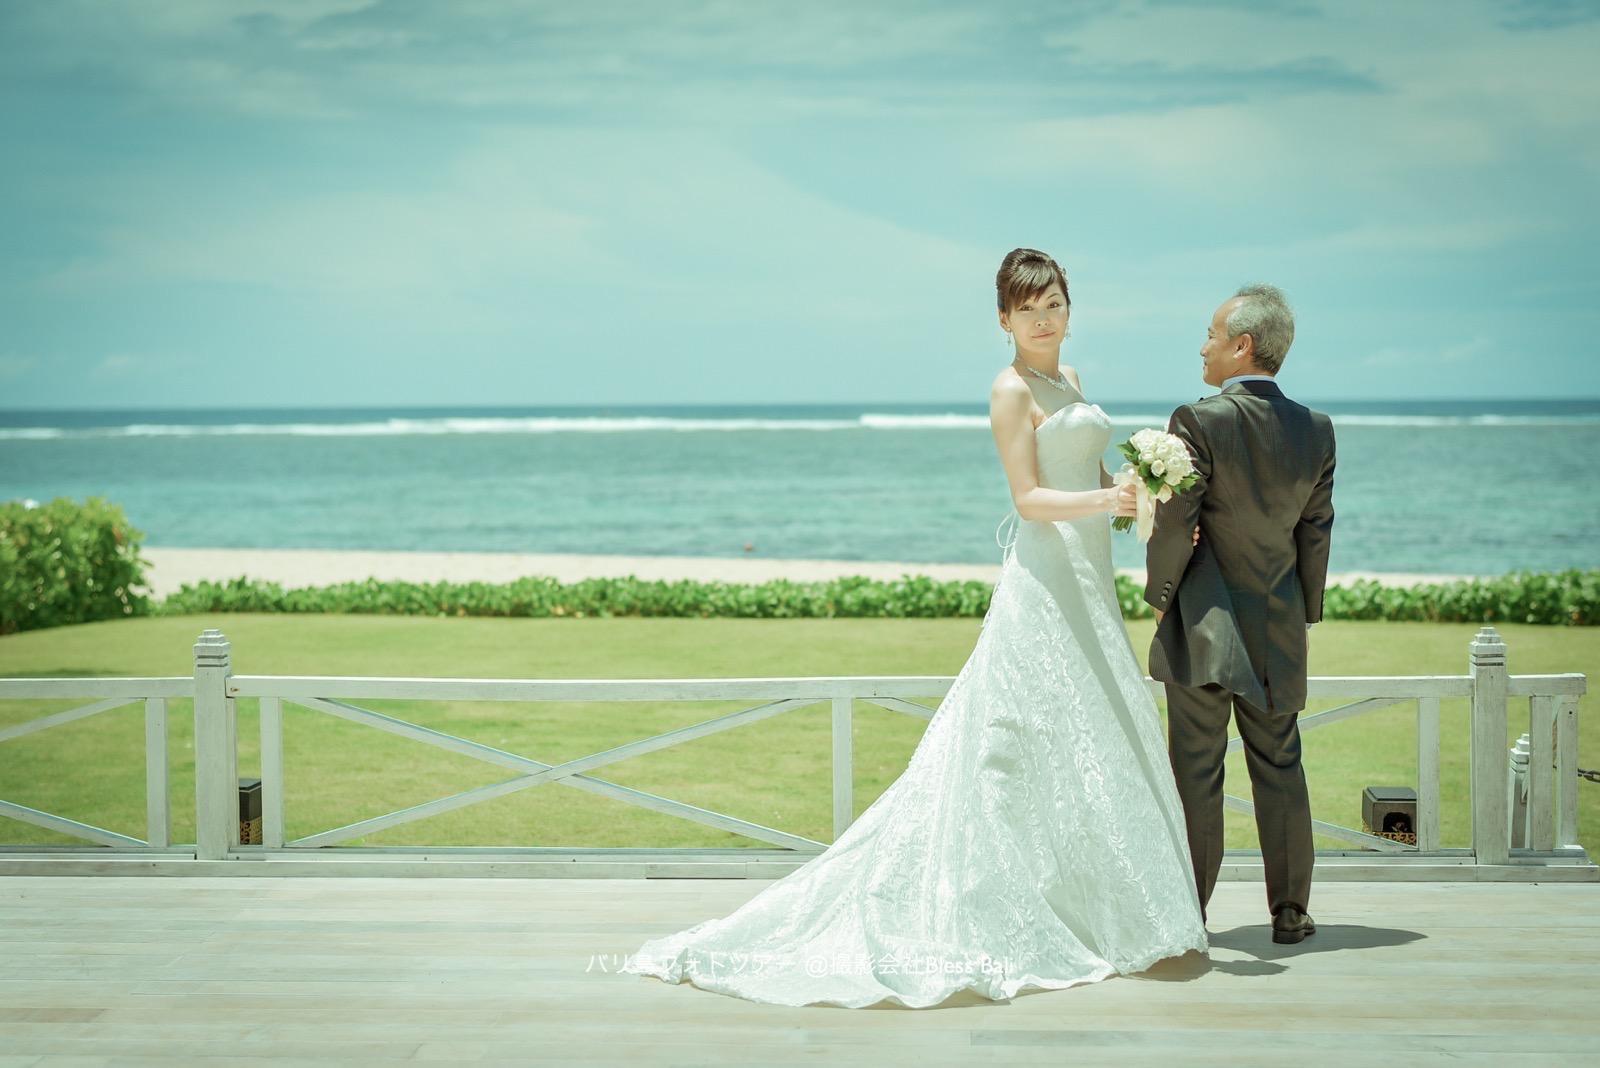 海をバックに微笑む花嫁